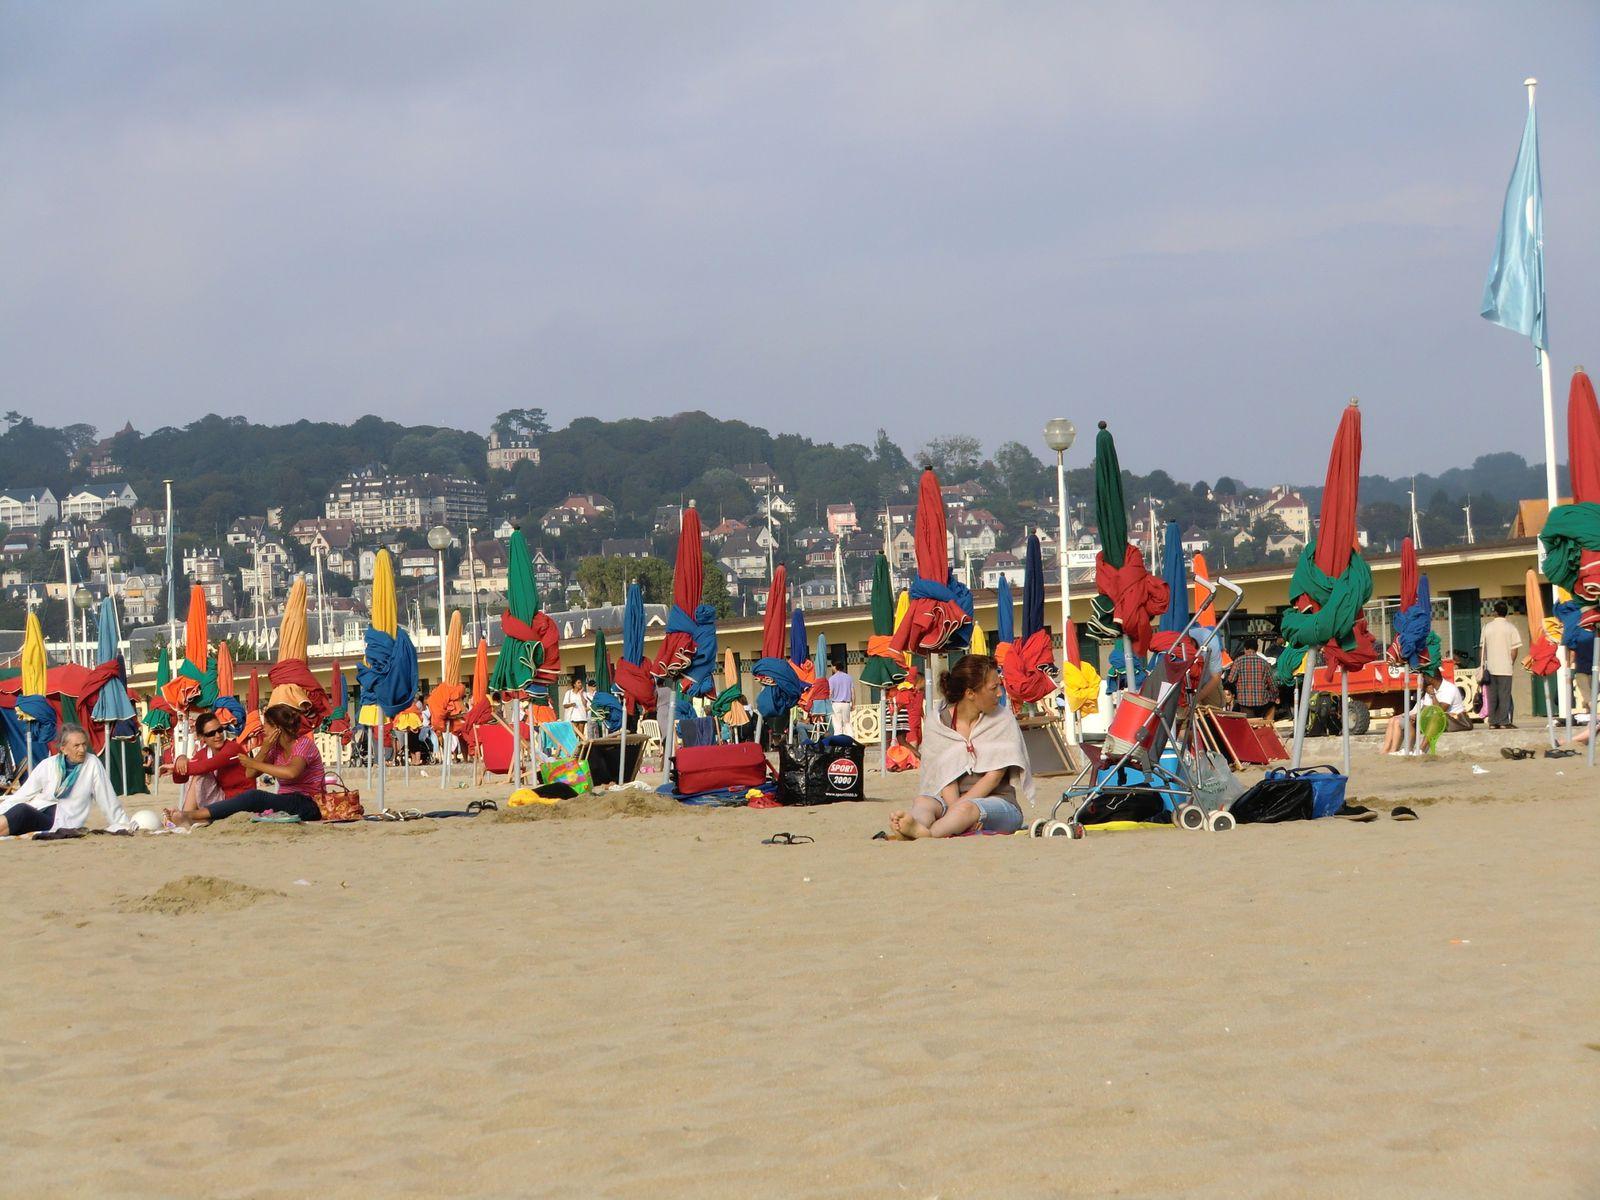 La plage, enfin le soleil est revenu